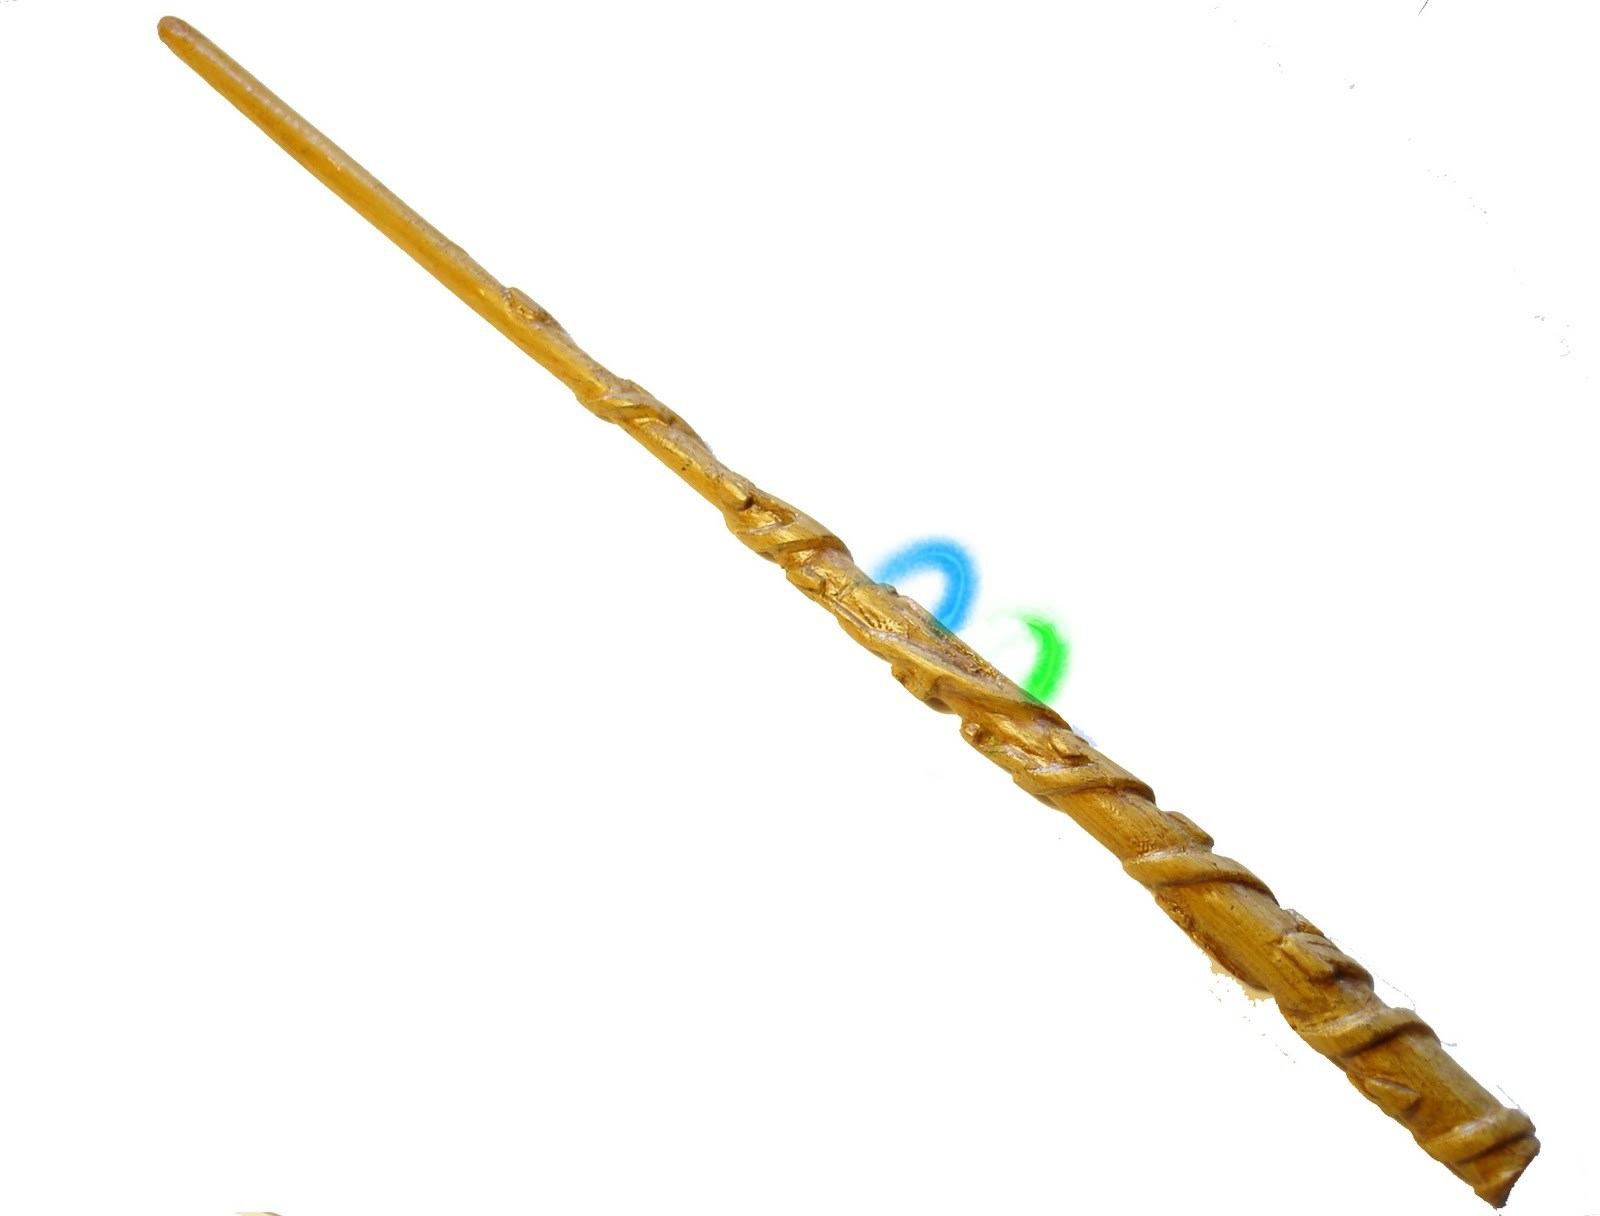 Harry potter magic wand clipart 2 » Clipart Portal.